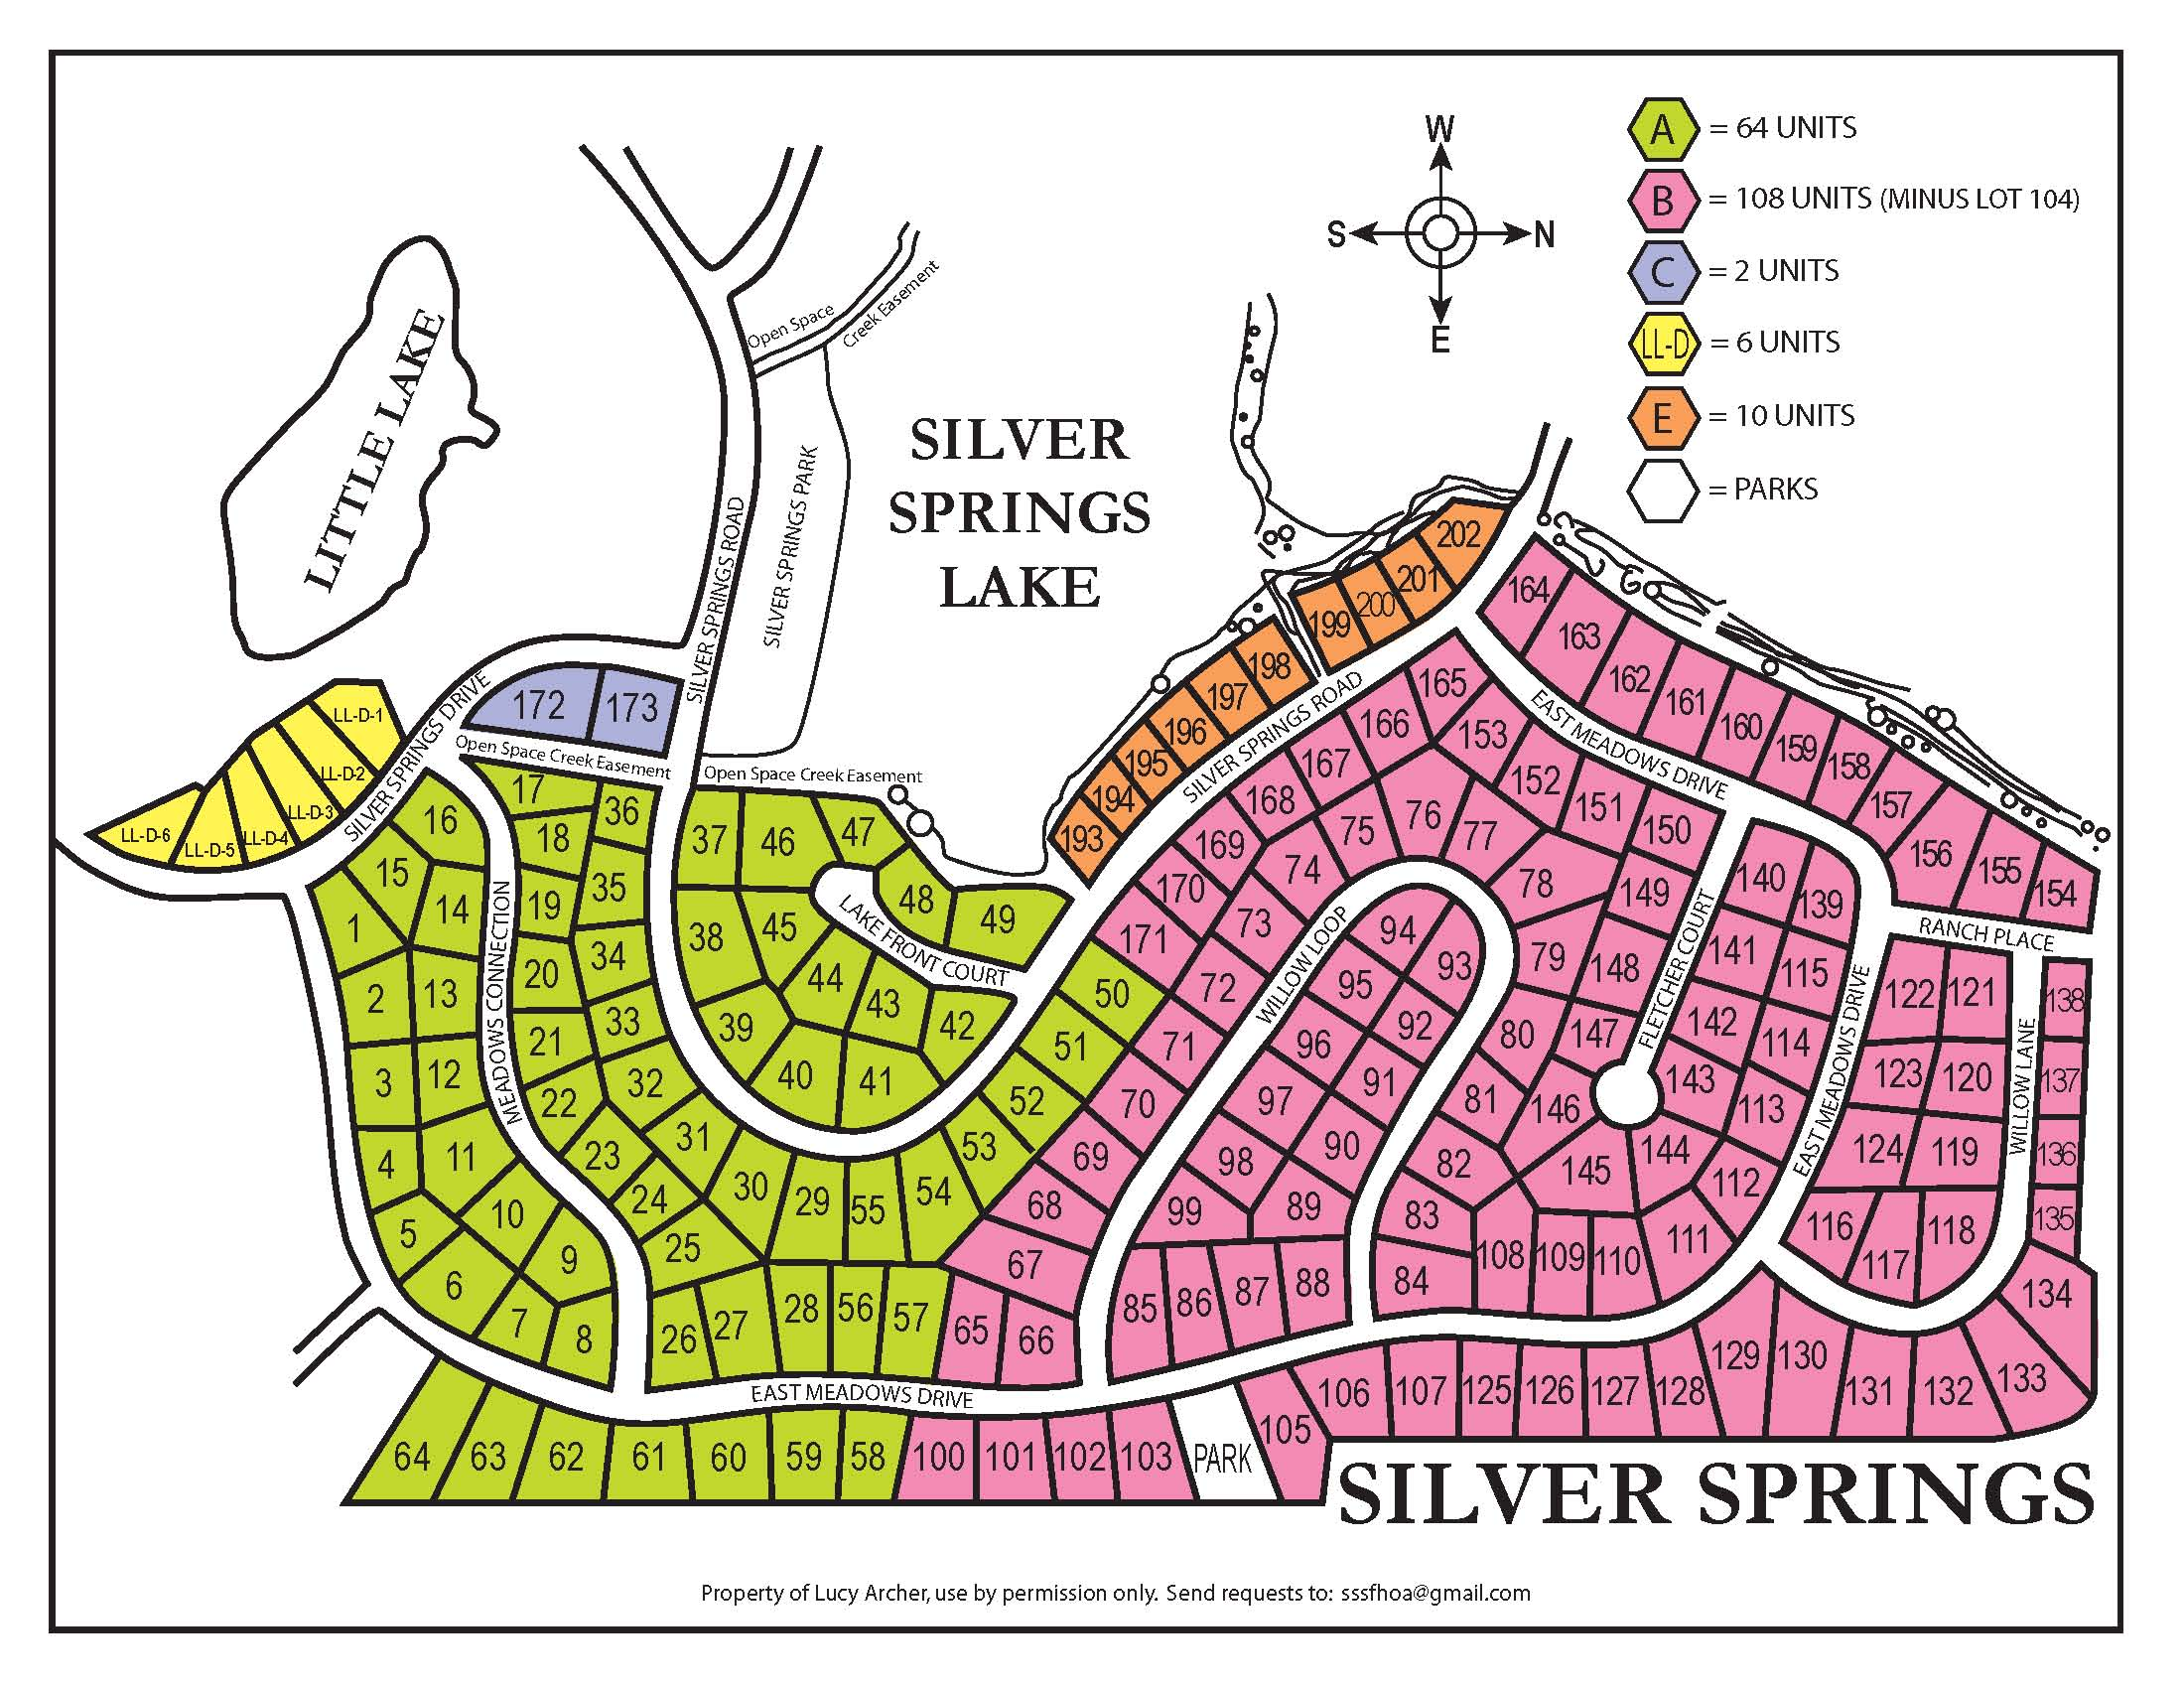 SilverSprings-Creek-Easement-Map